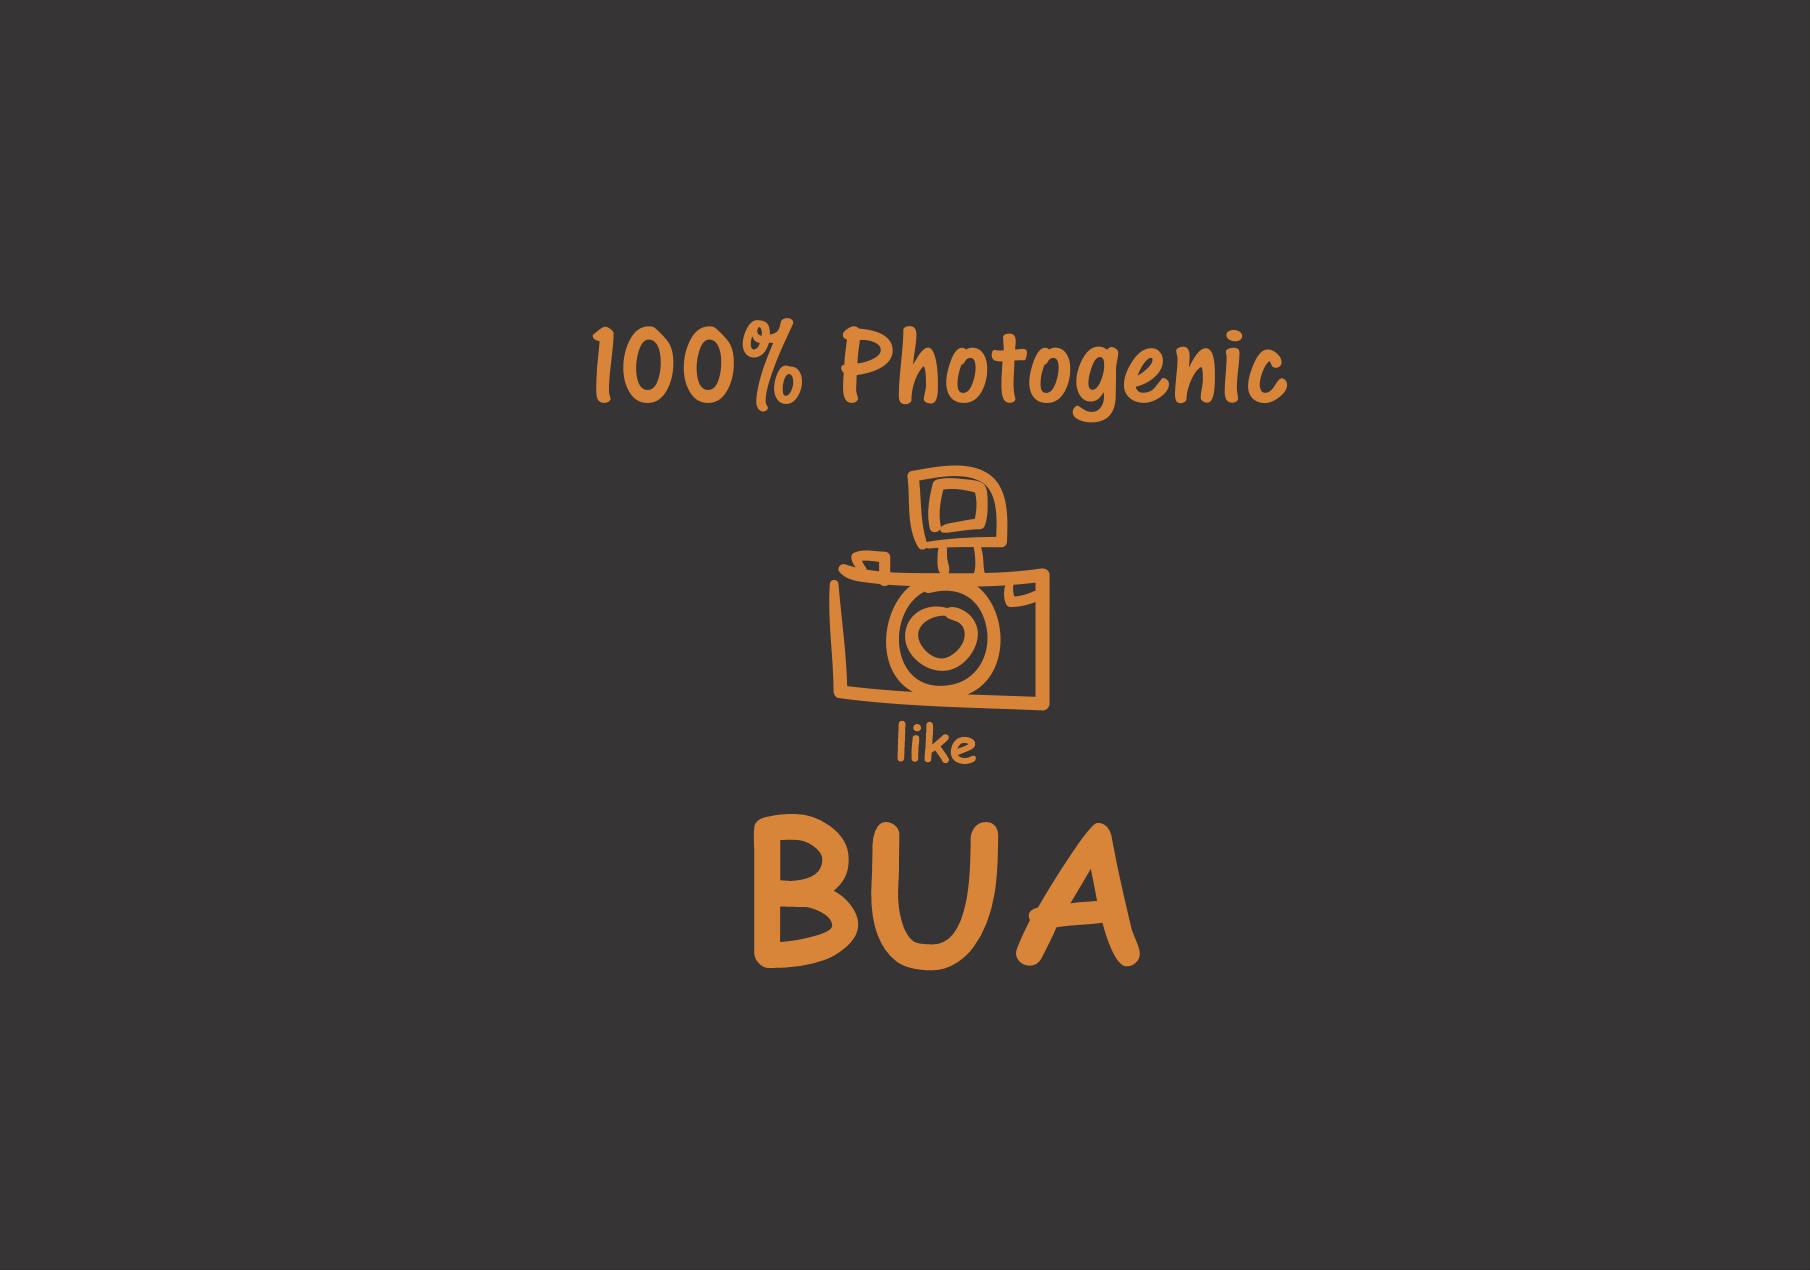 photogenic-like-bua.png